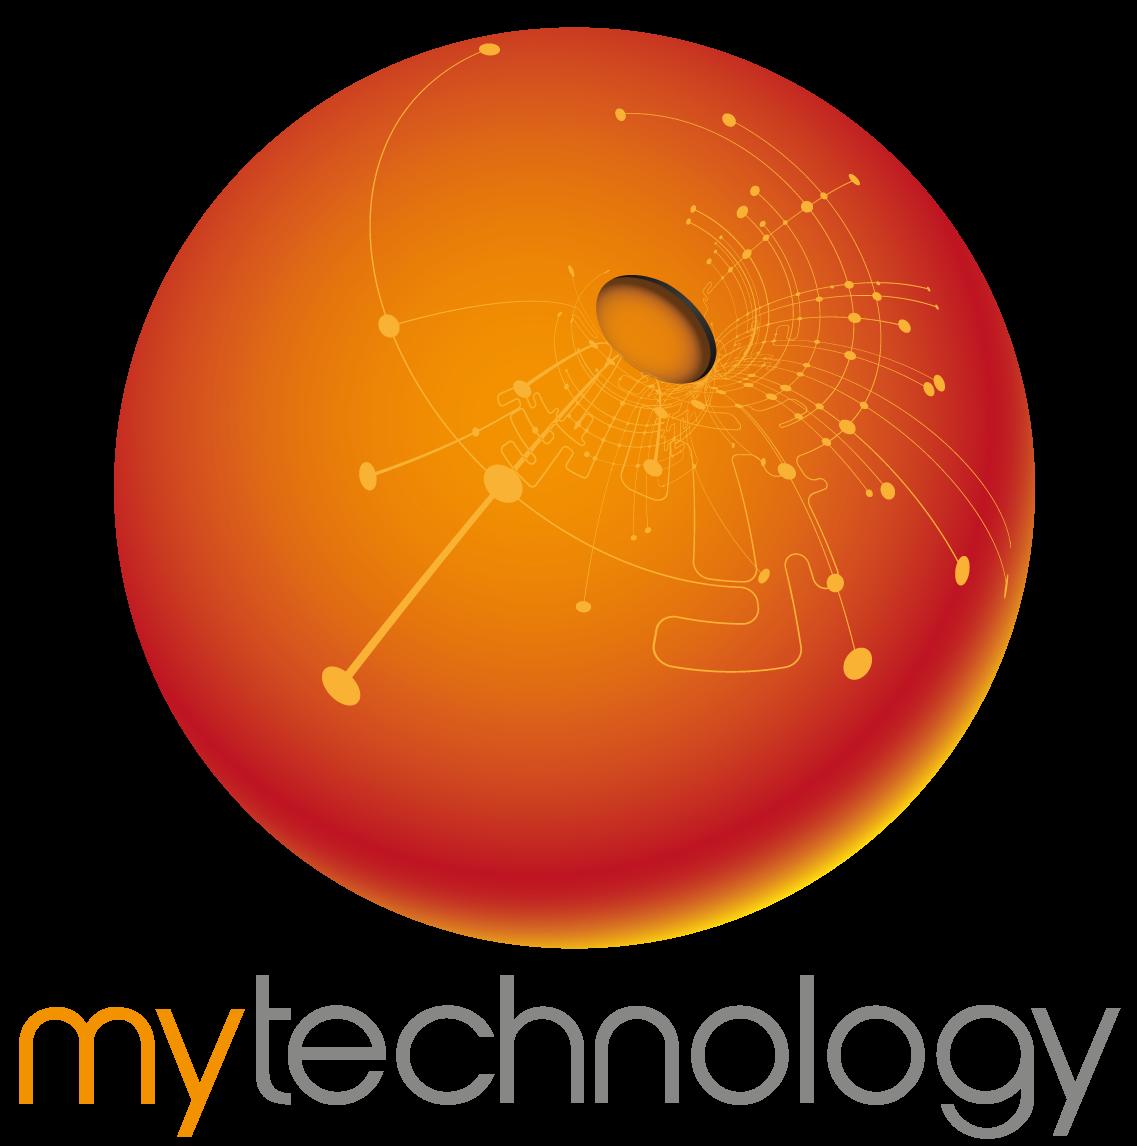 MyTechnologyLogo6